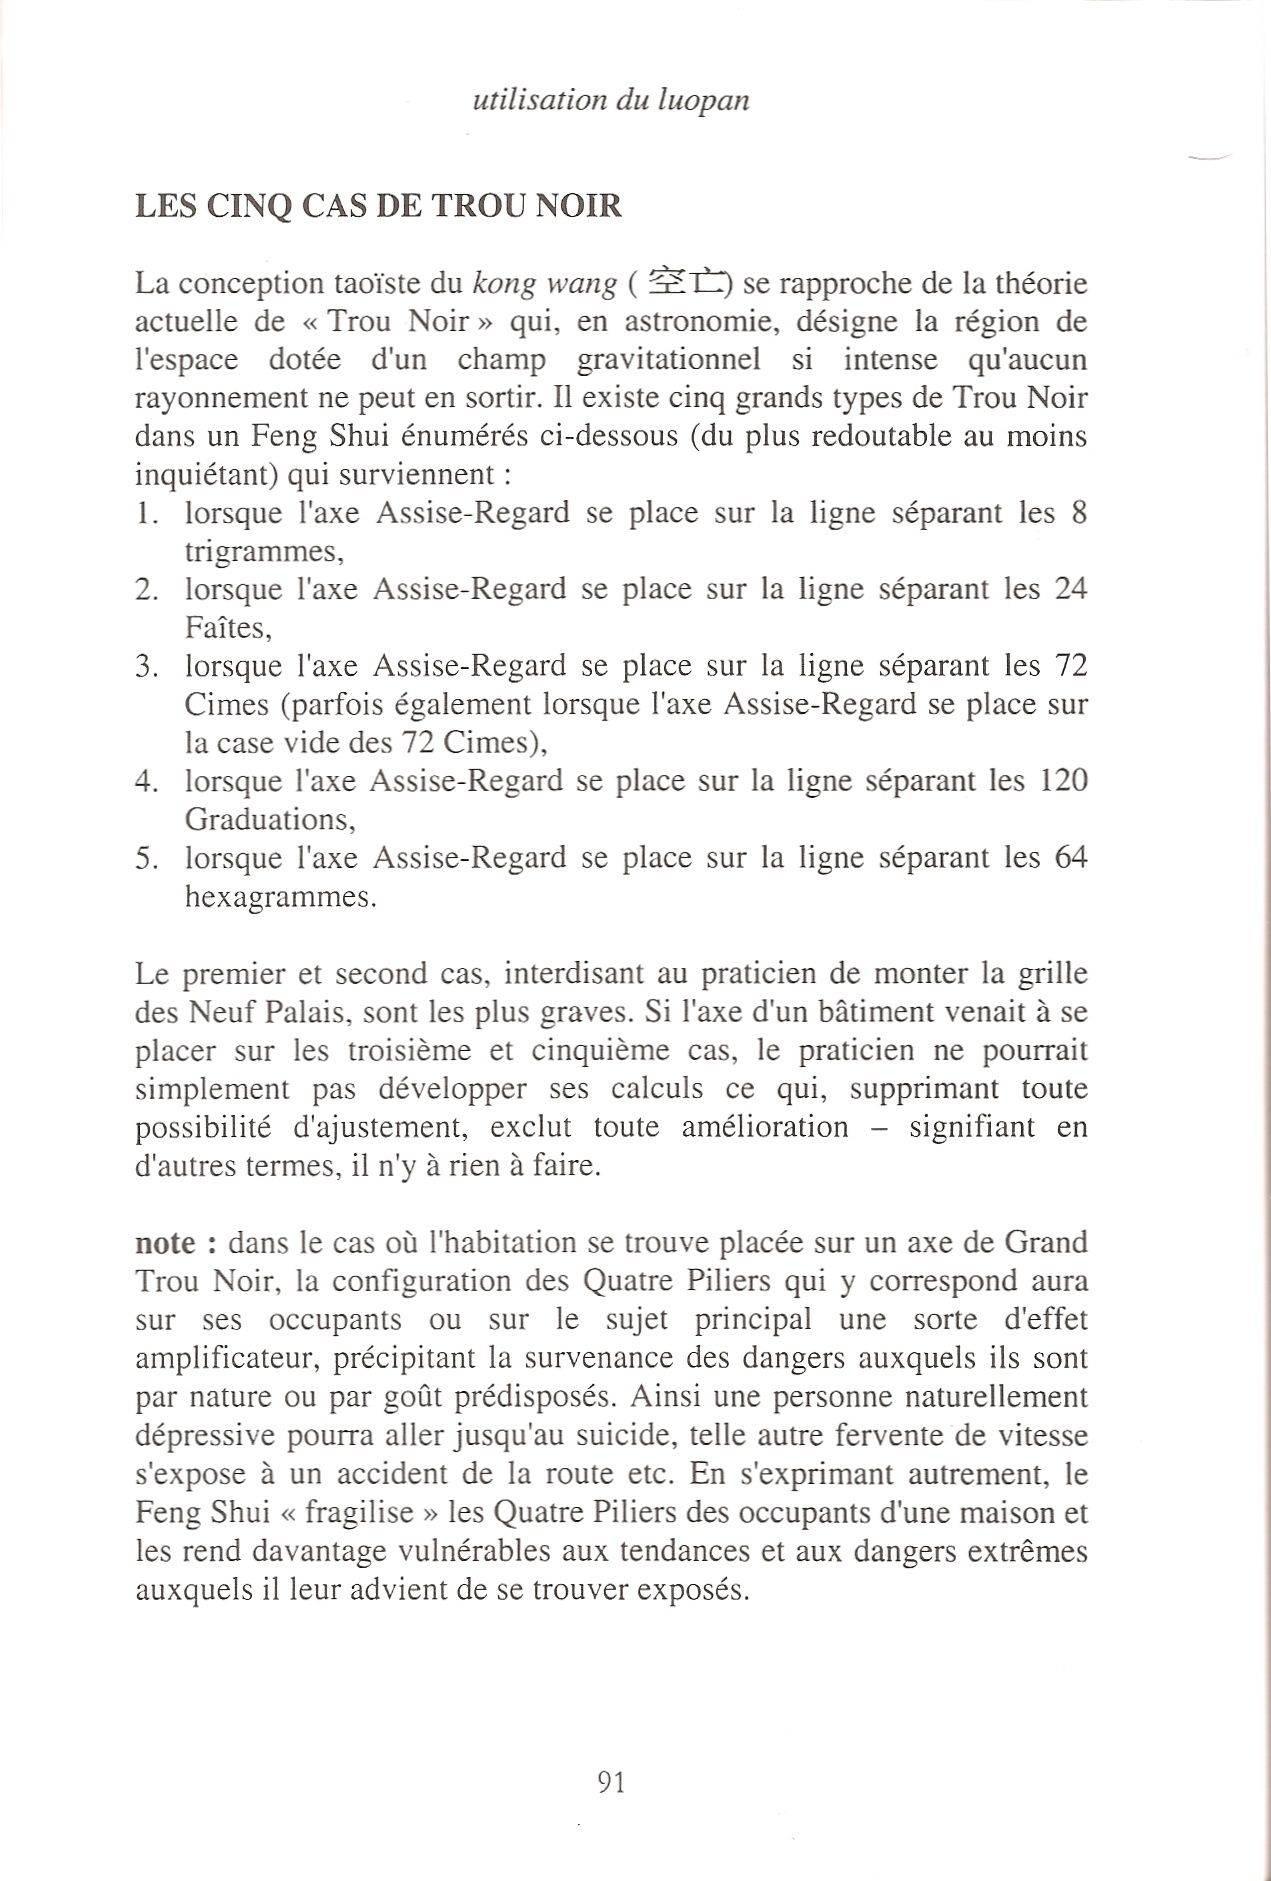 Livre FENG SHUI TAOISTE : La Vérité des Apparences - Zu-Hui Yang, Hiria Ottino - Page 2 La_var13